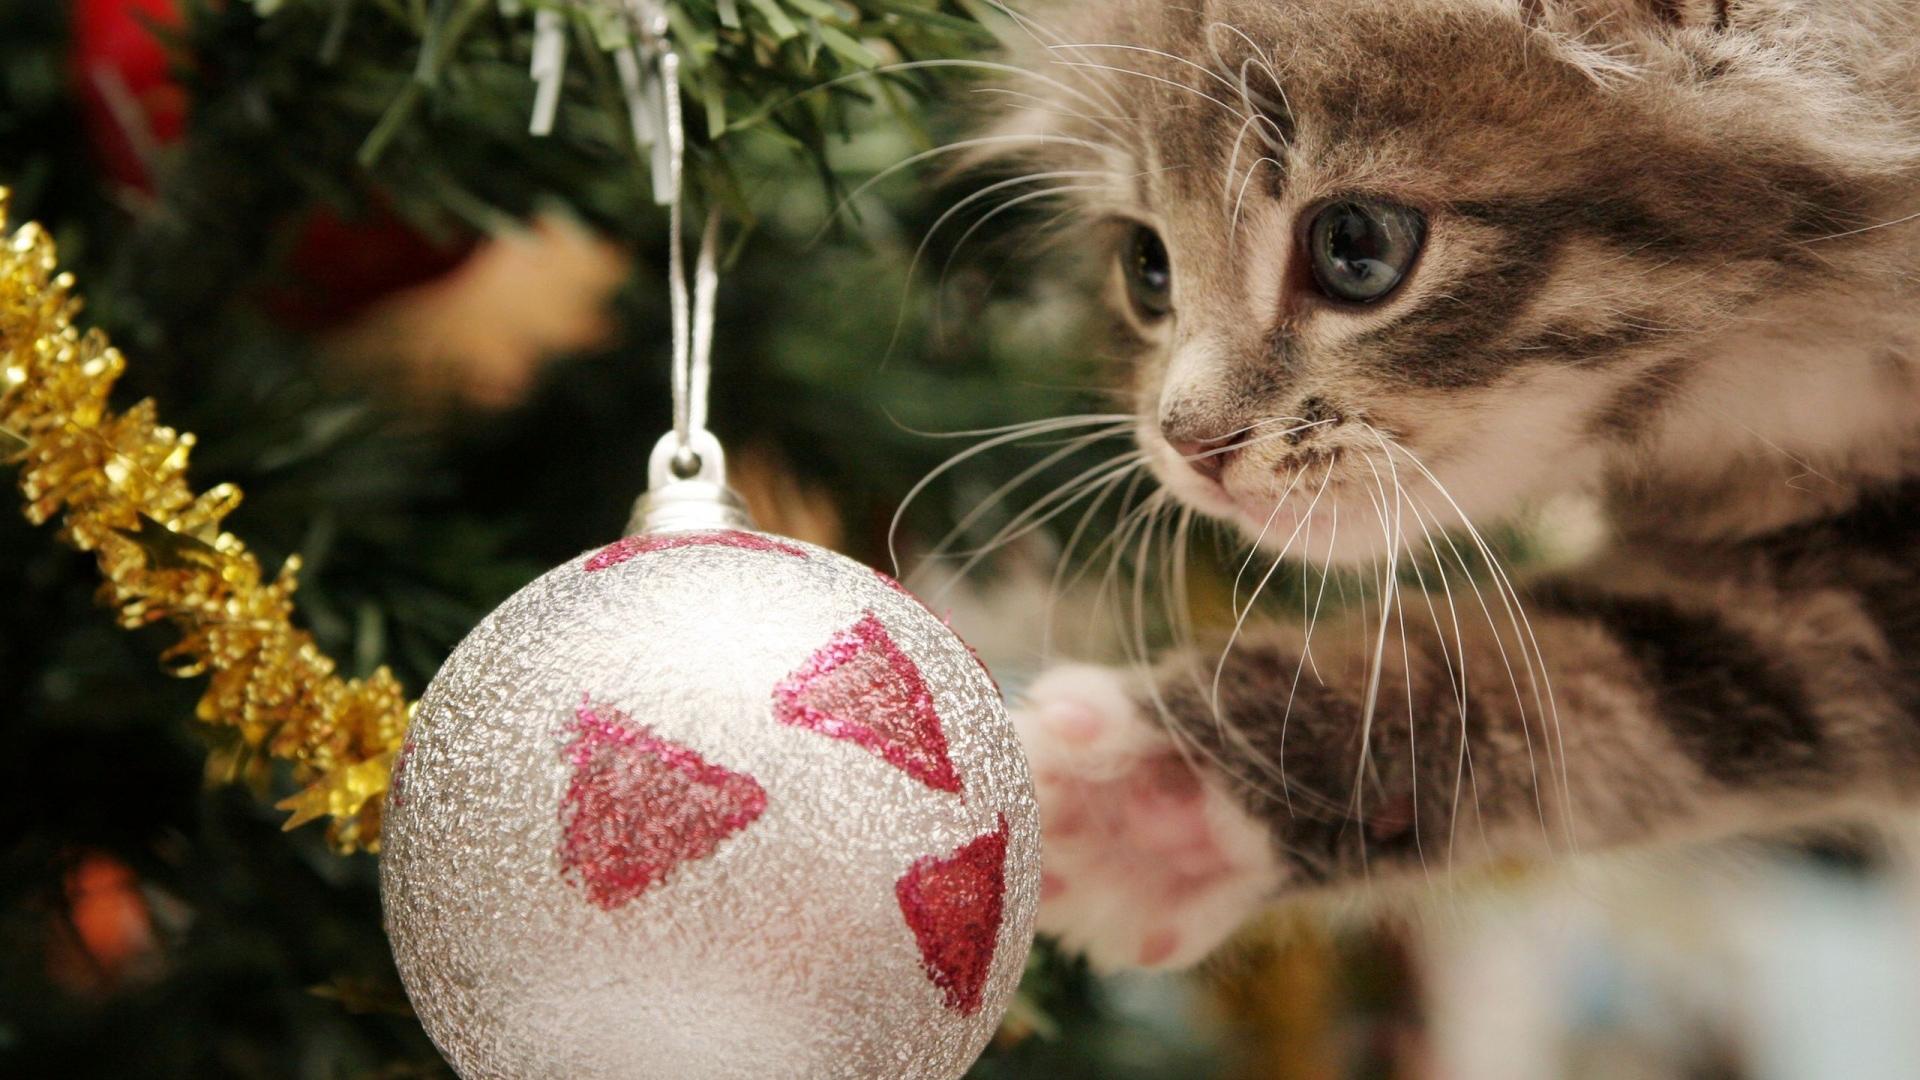 Christmas Wallpaper Cute Kitten